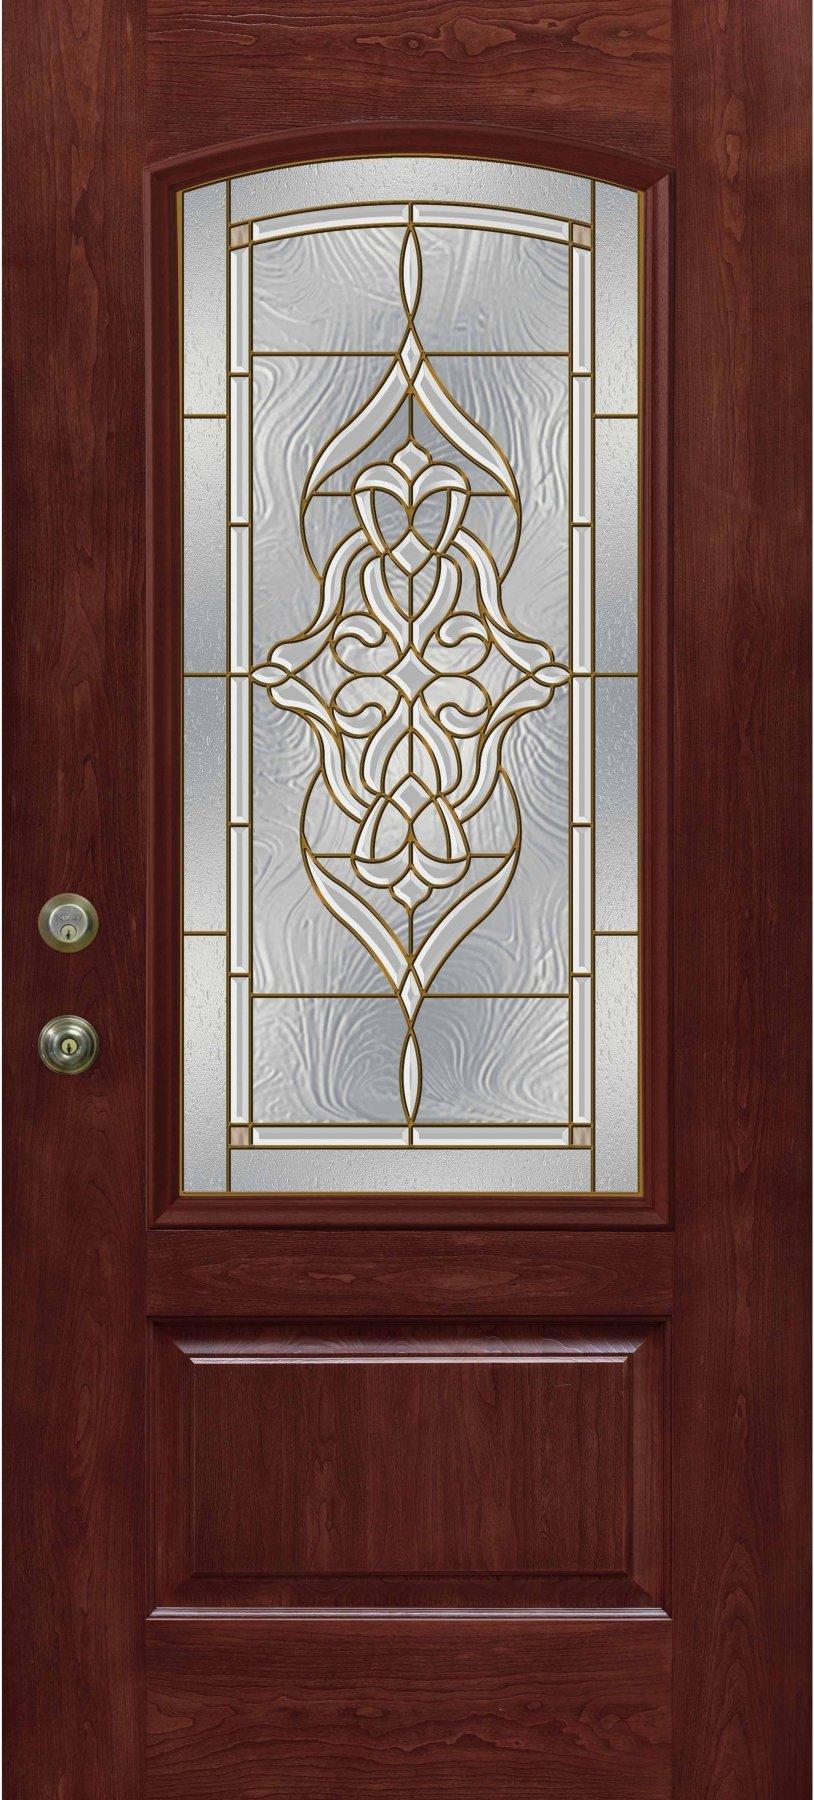 Decorative Glass Doors In Buffalo Ny Stockmohr